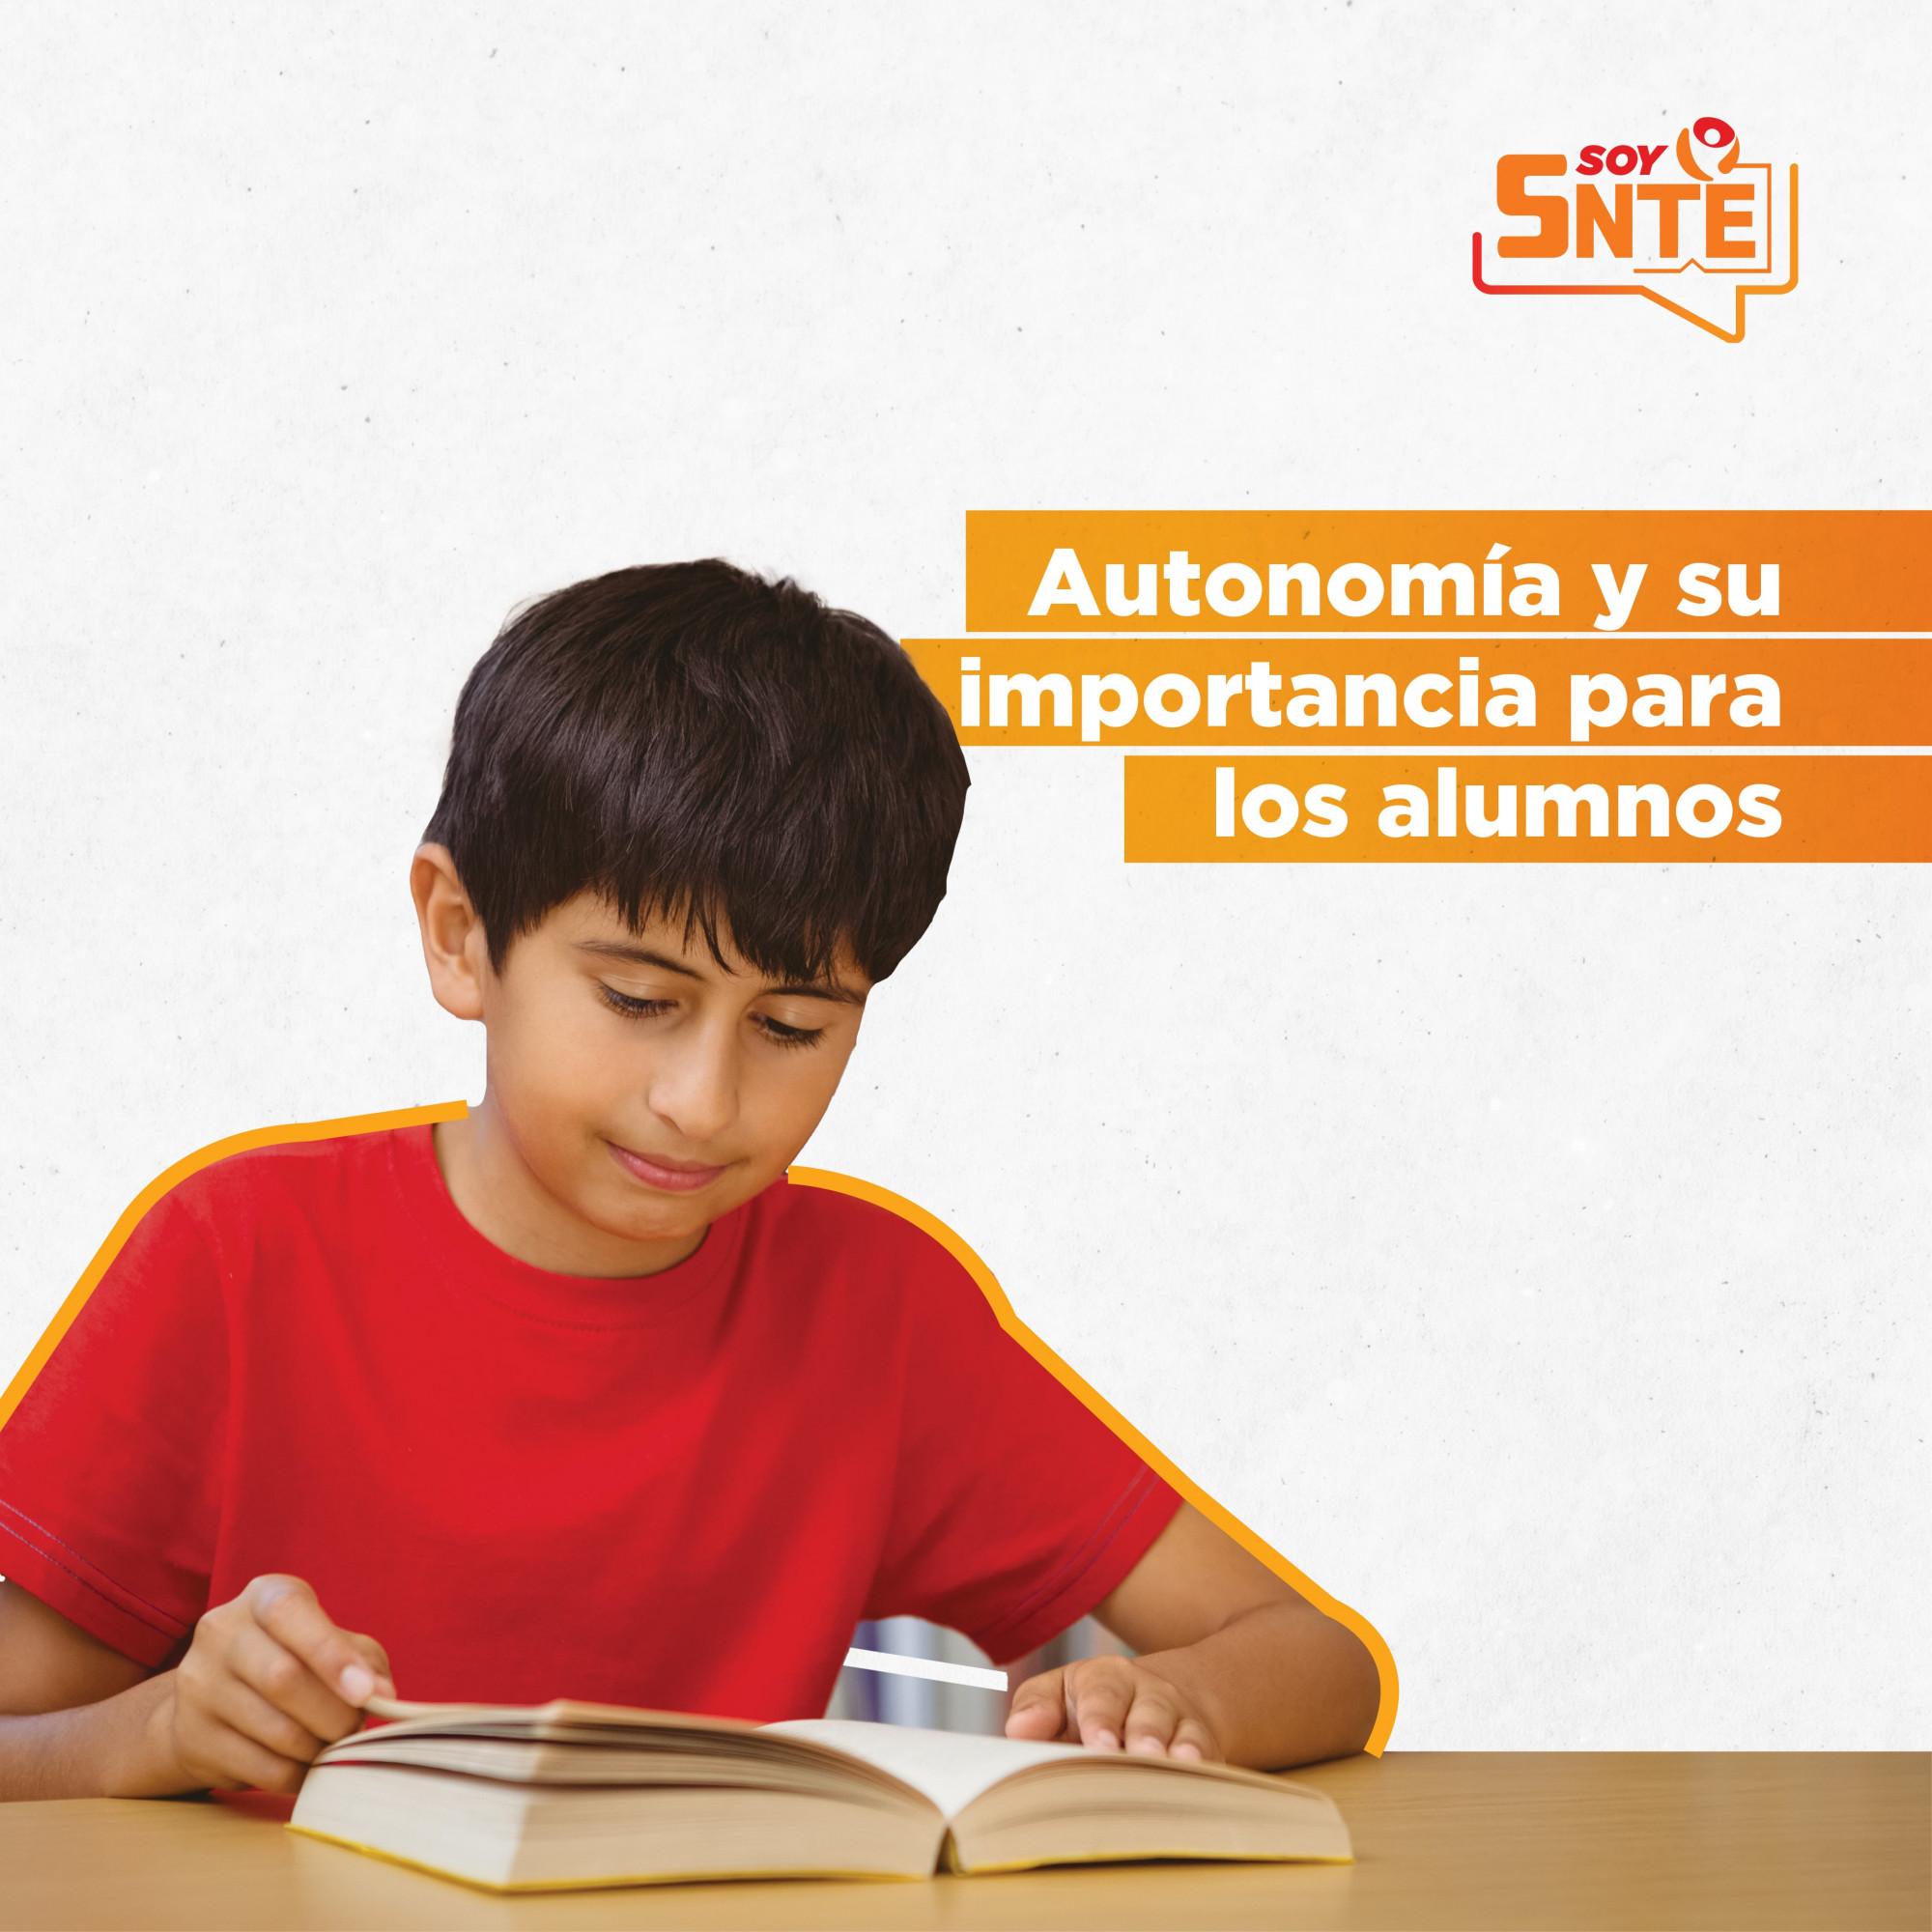 Cuatro tips para fortalecer la autonomía de los alumnos